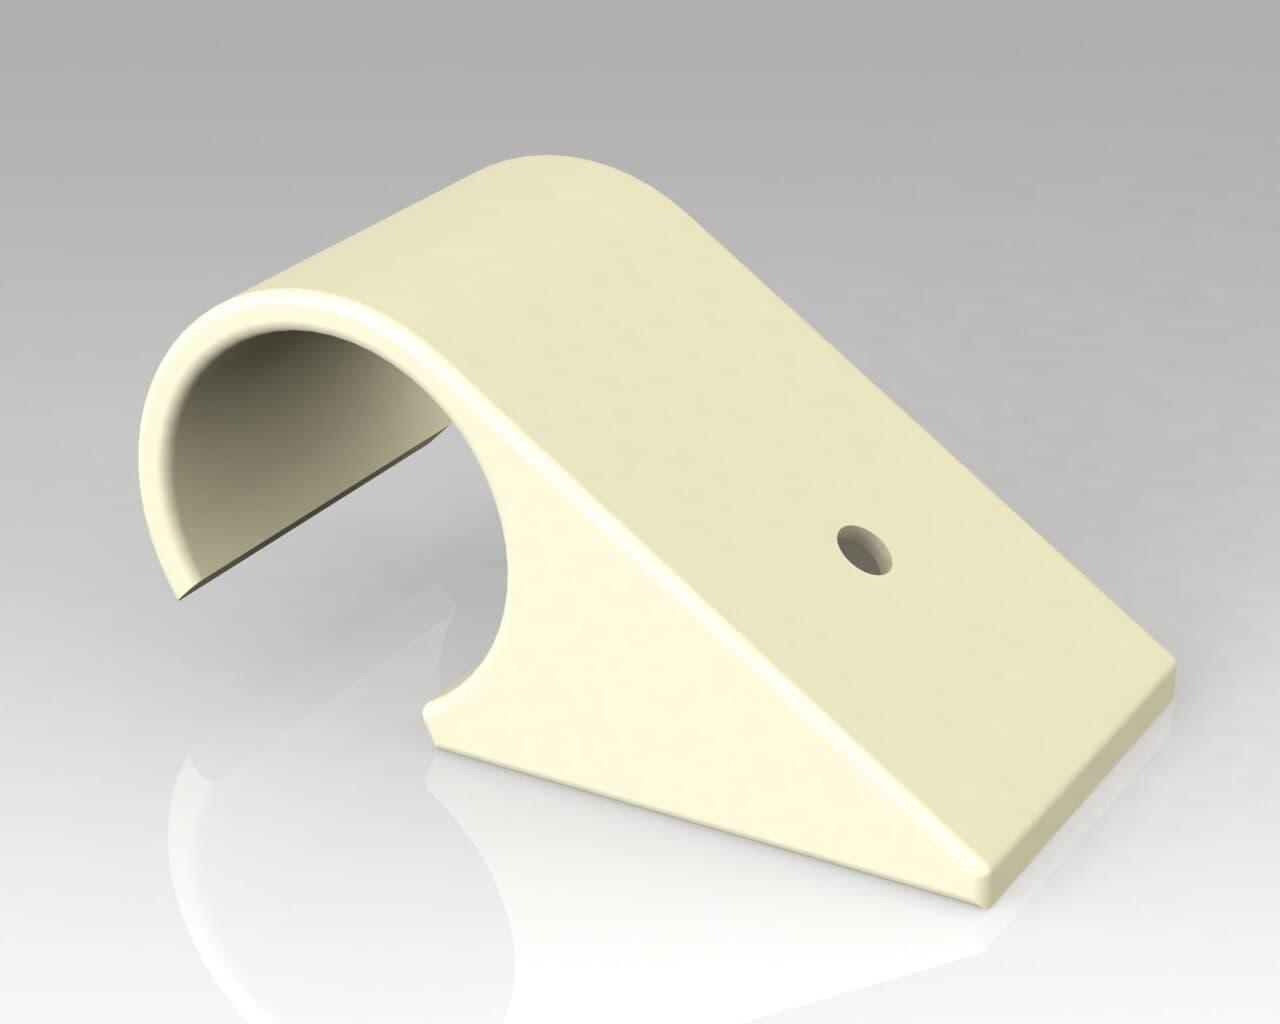 PEK3 Easytube Plastic Accessories GAP-17